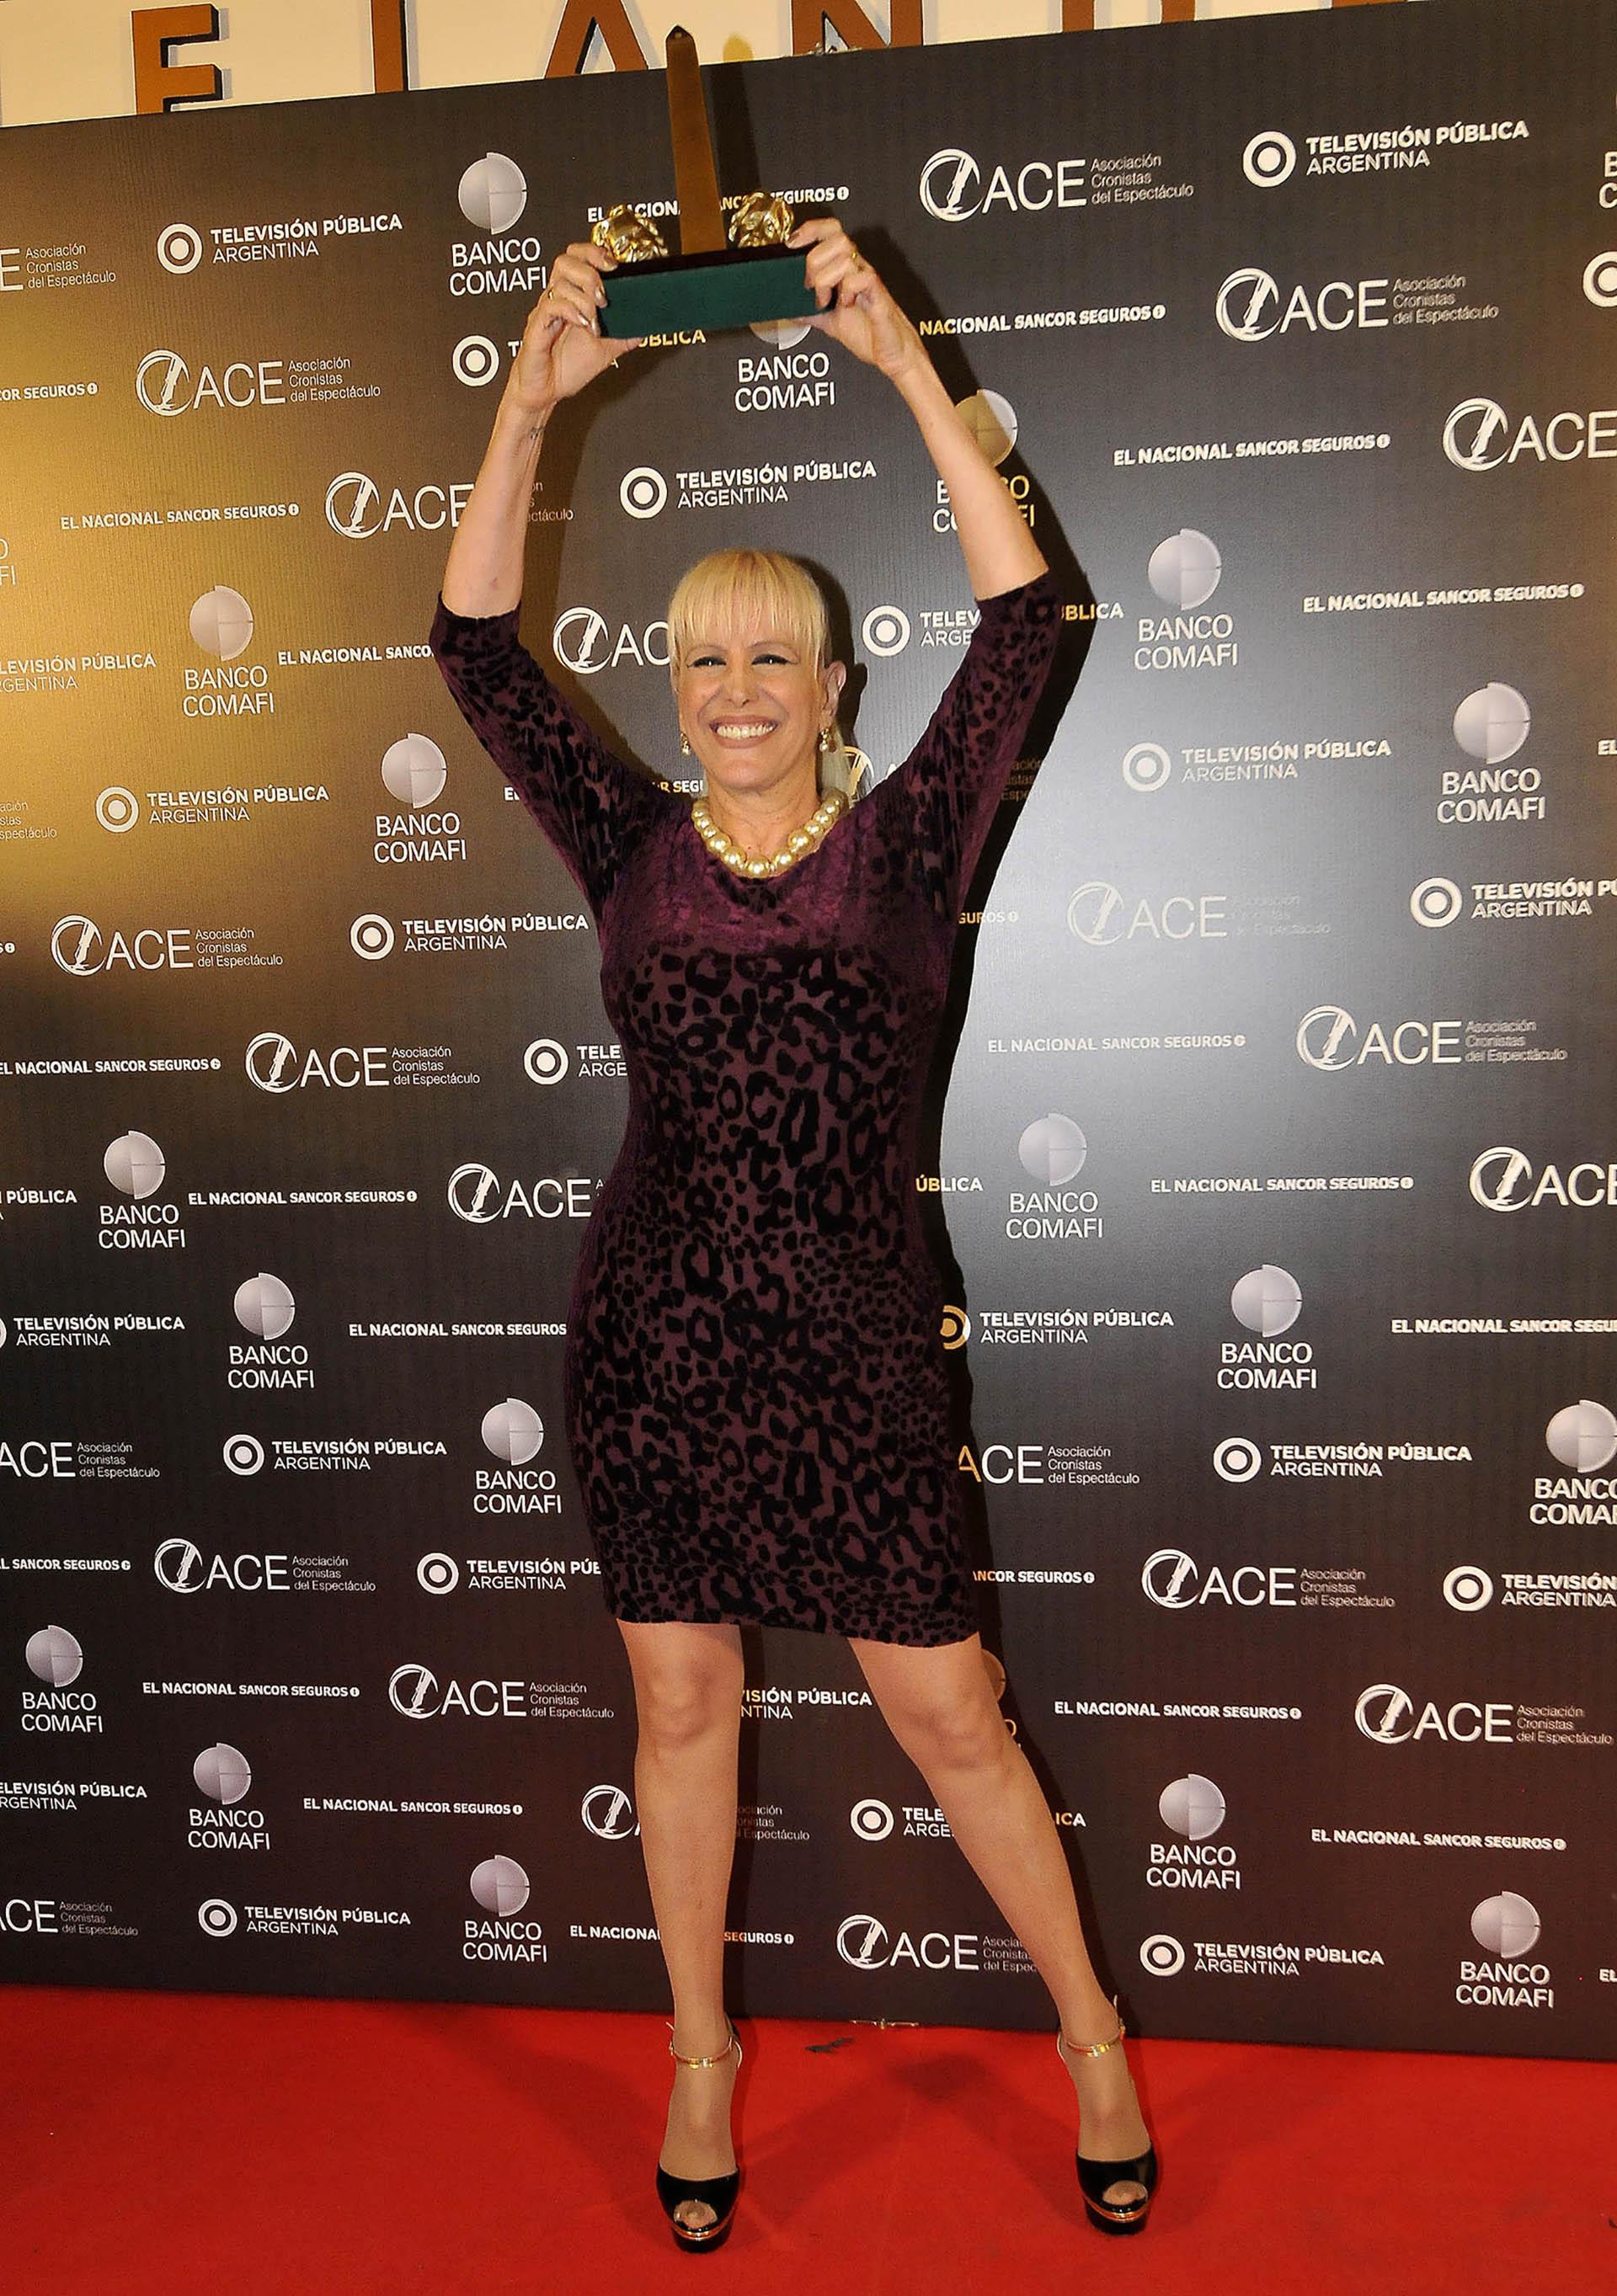 """Valeria Lynch fue distinguida en los premios ACE por su papel en """"Sugar Boulevard"""". El espectáculo fue el más premiado de la noche con nueve estatuillas (Verónica Guerman / Teleshow)"""